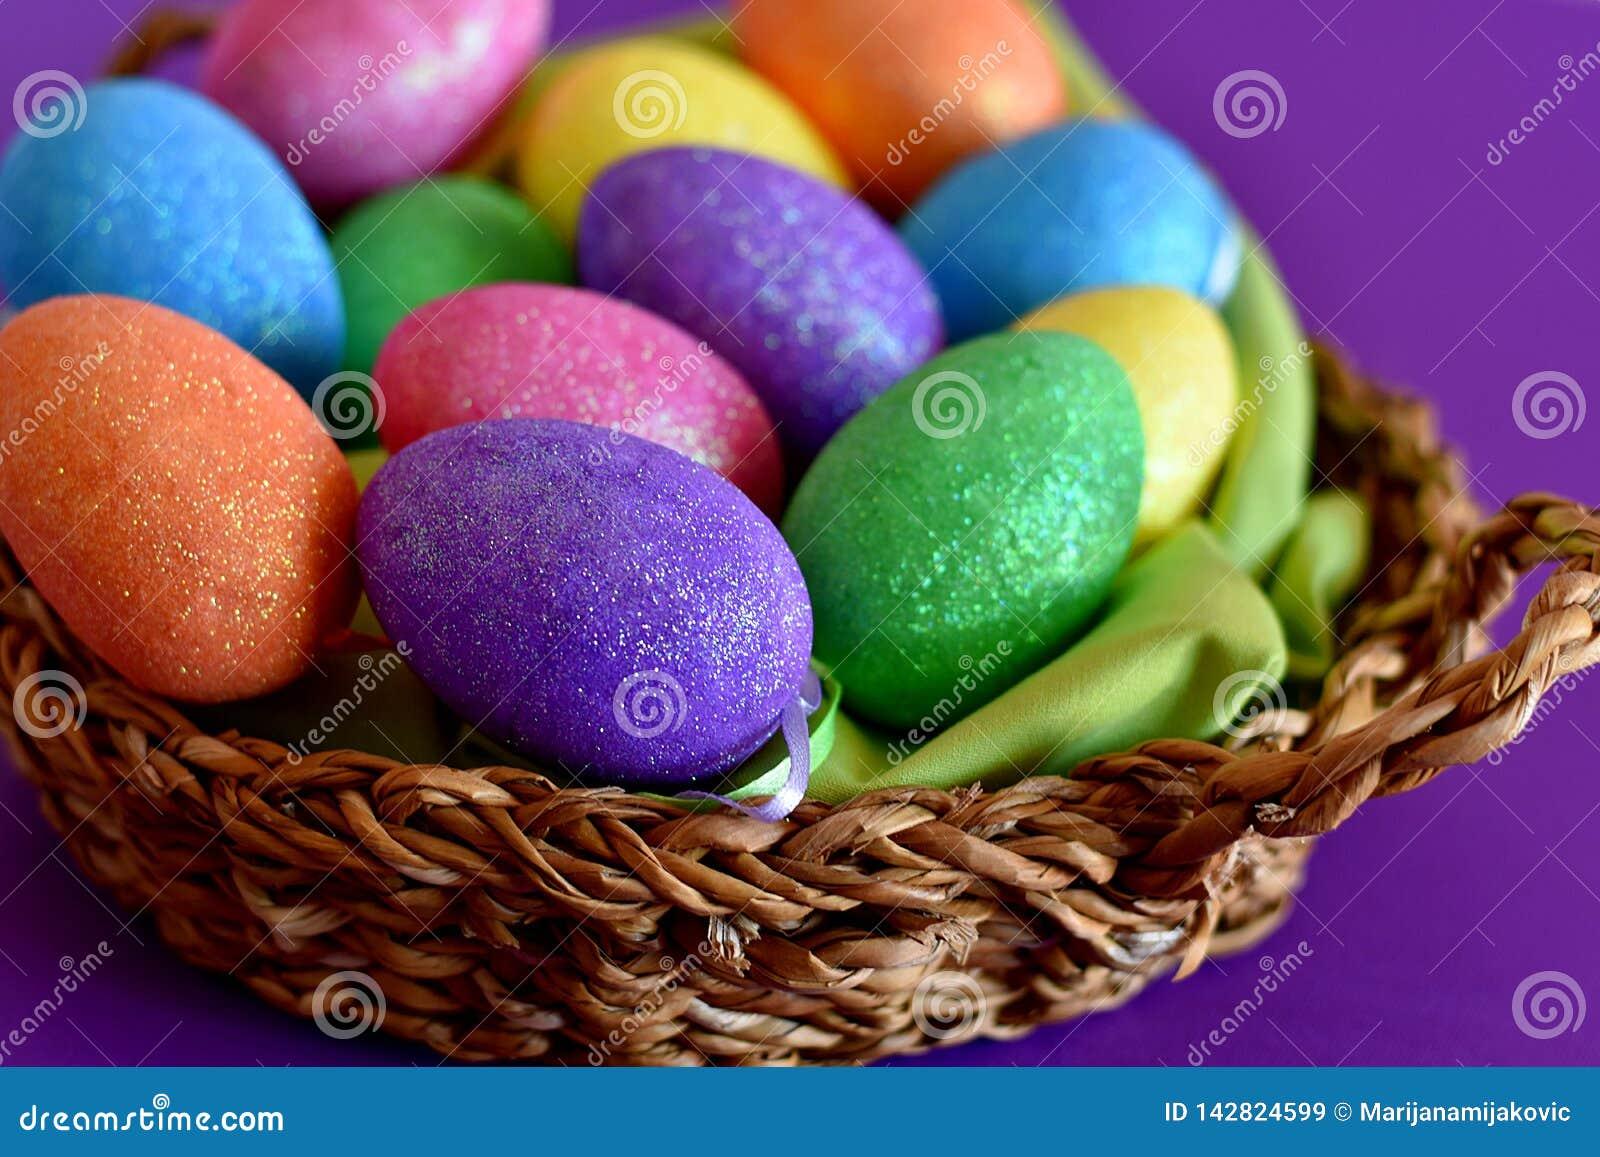 Uova di Pasqua colorate brillanti scintillanti della caramella in un canestro di vimini